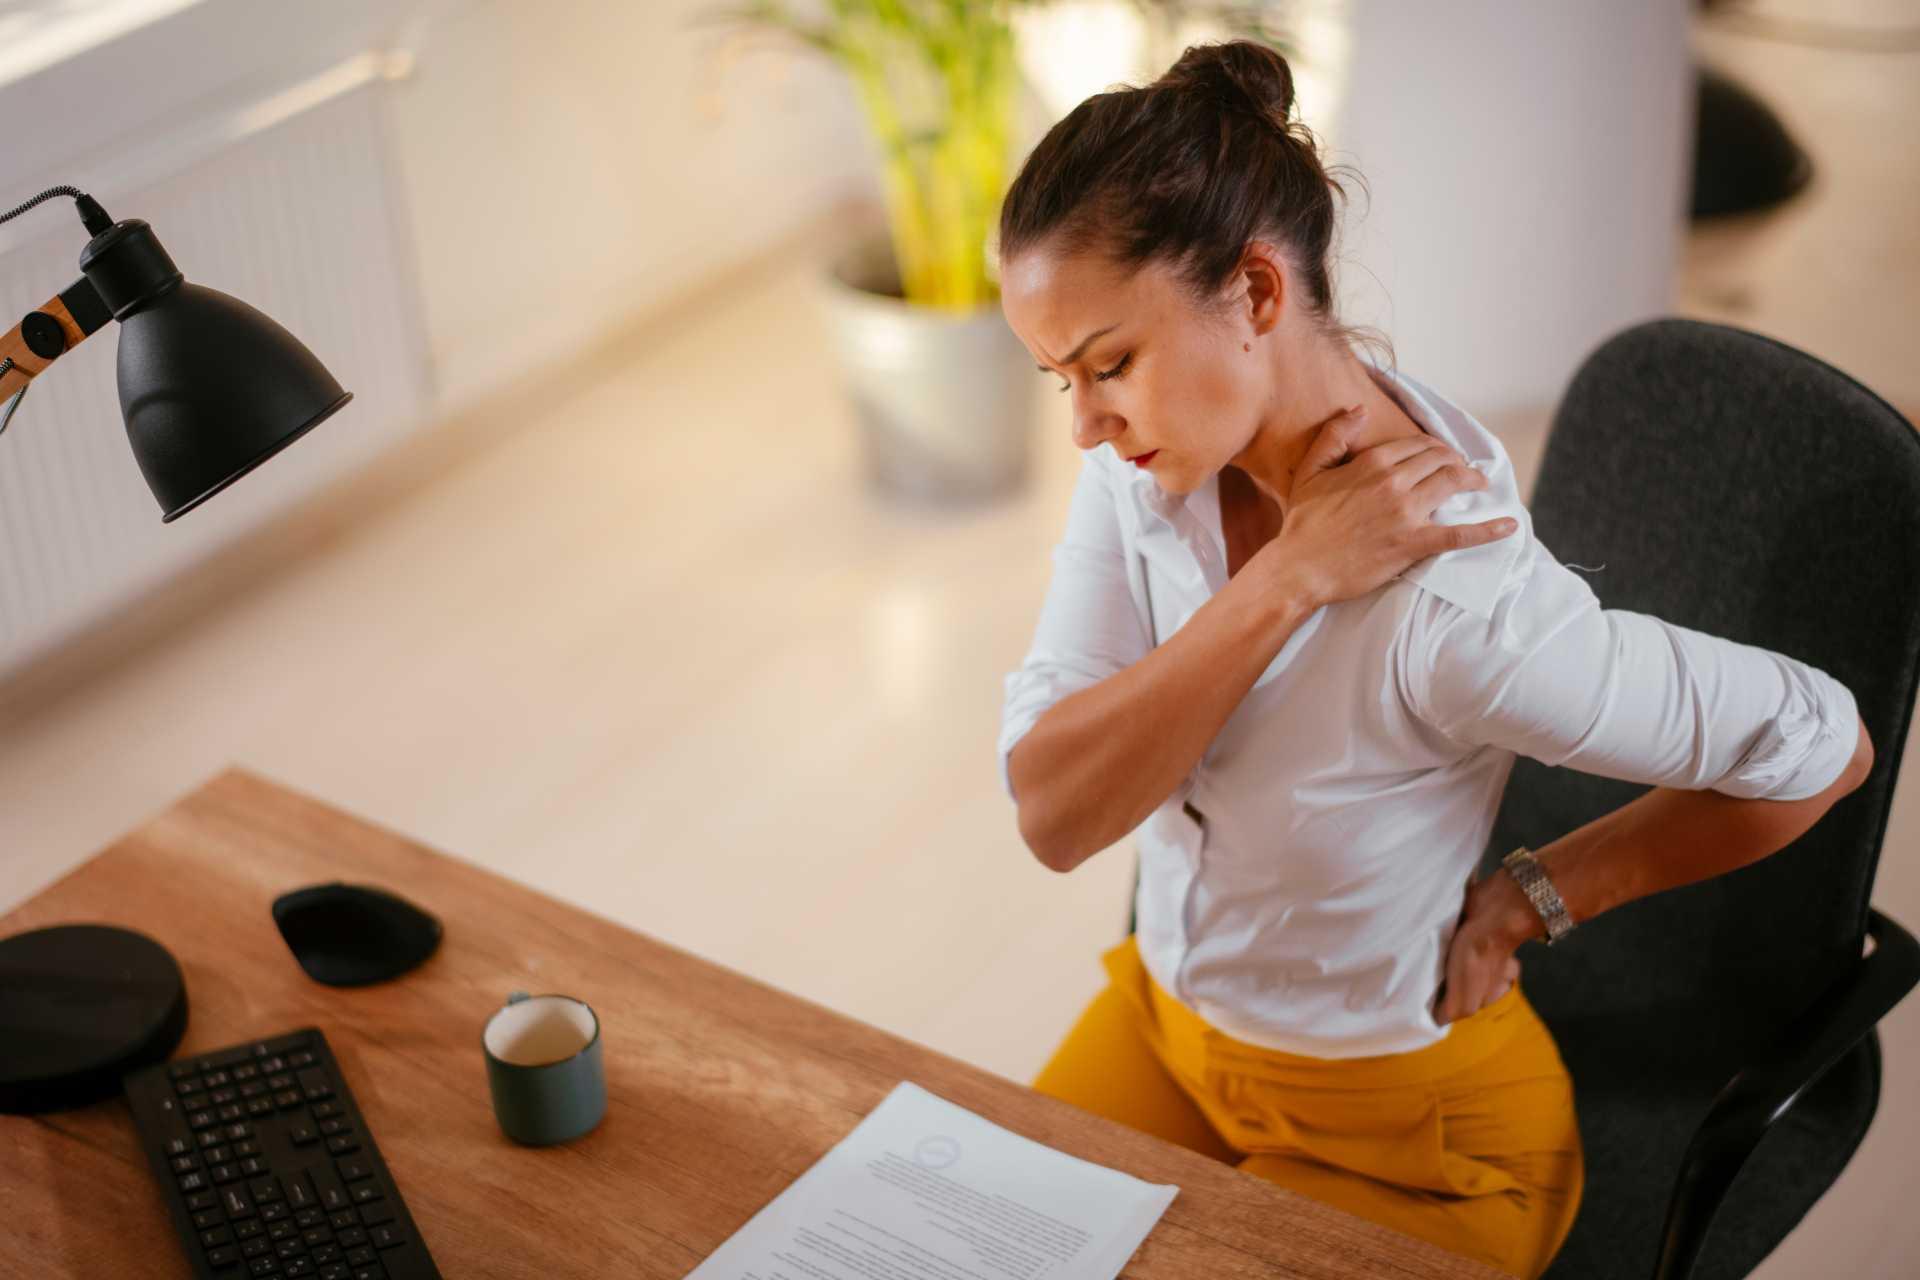 Sedavé zamestnanie či pohybový deficit? Viete, čo môže spôsobiť bolesti chrbta?